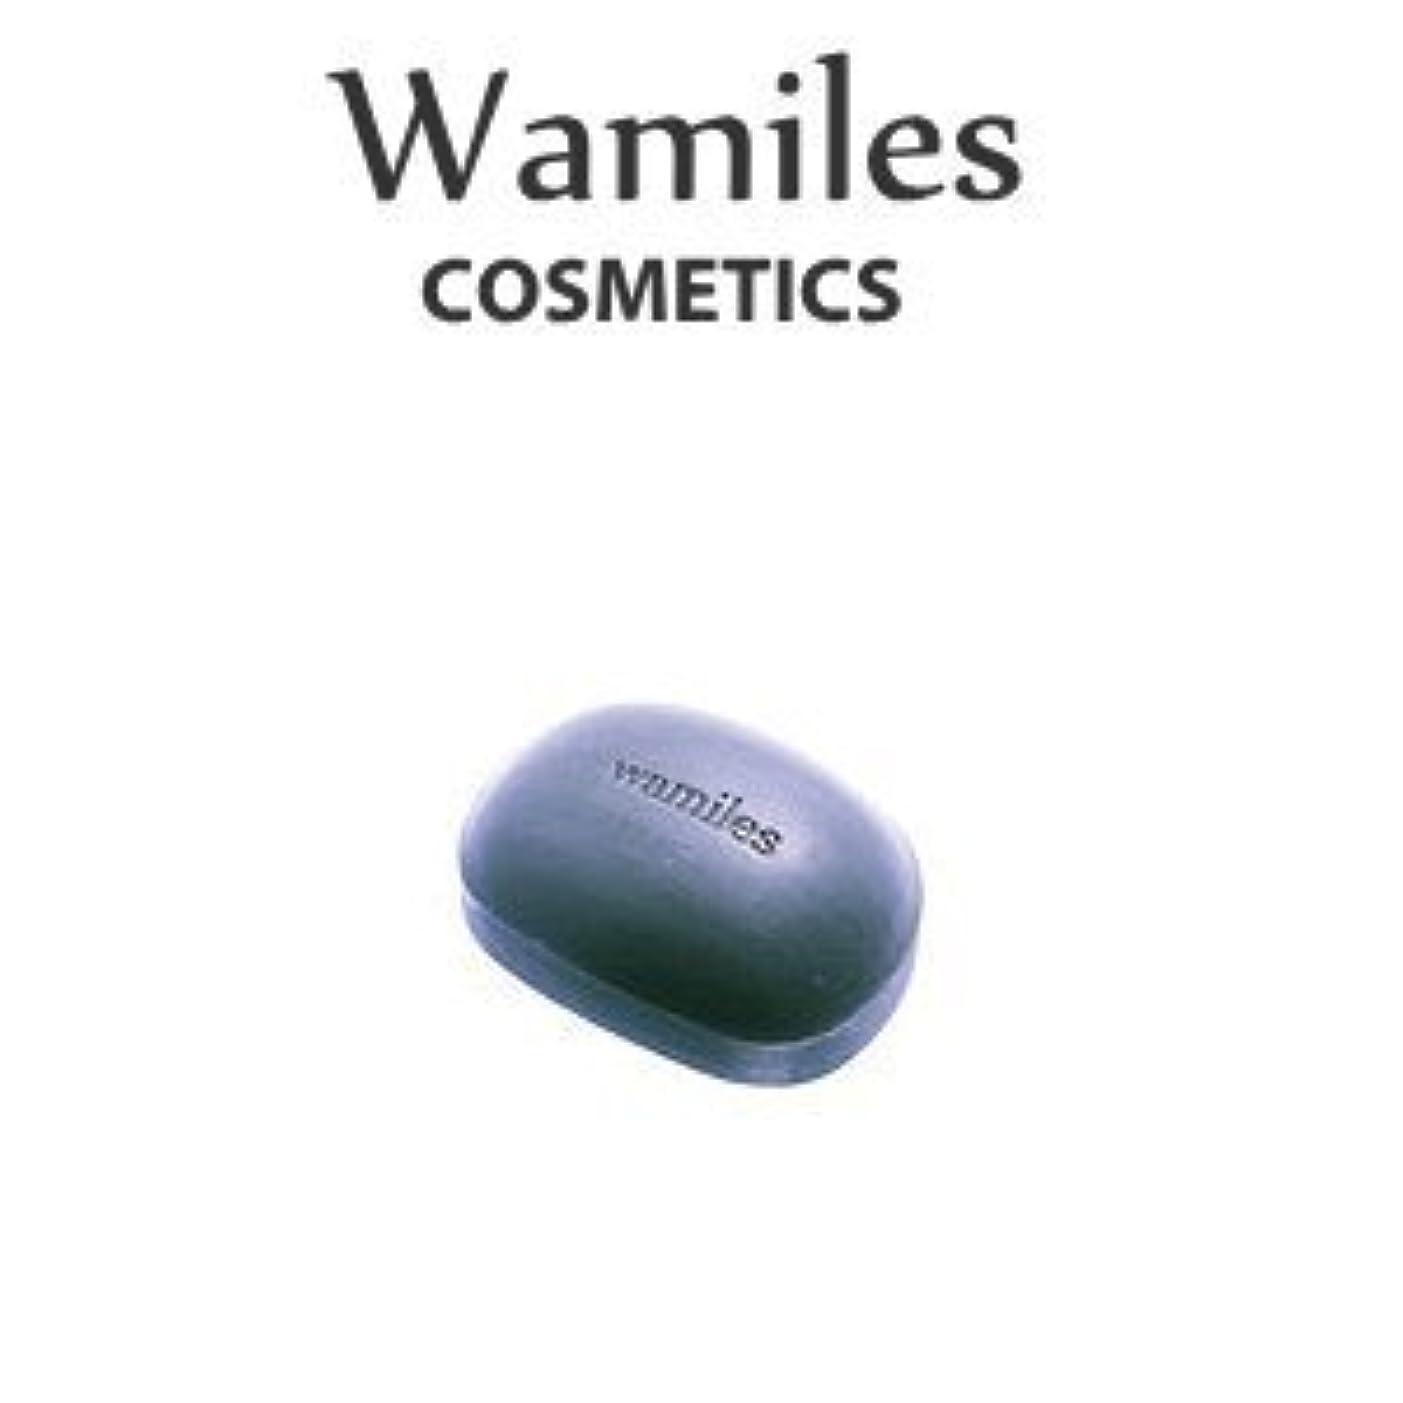 嫌悪論理不屈wamiles/ワミレス ベーシックライン イオンヌ クレイソープ 100g